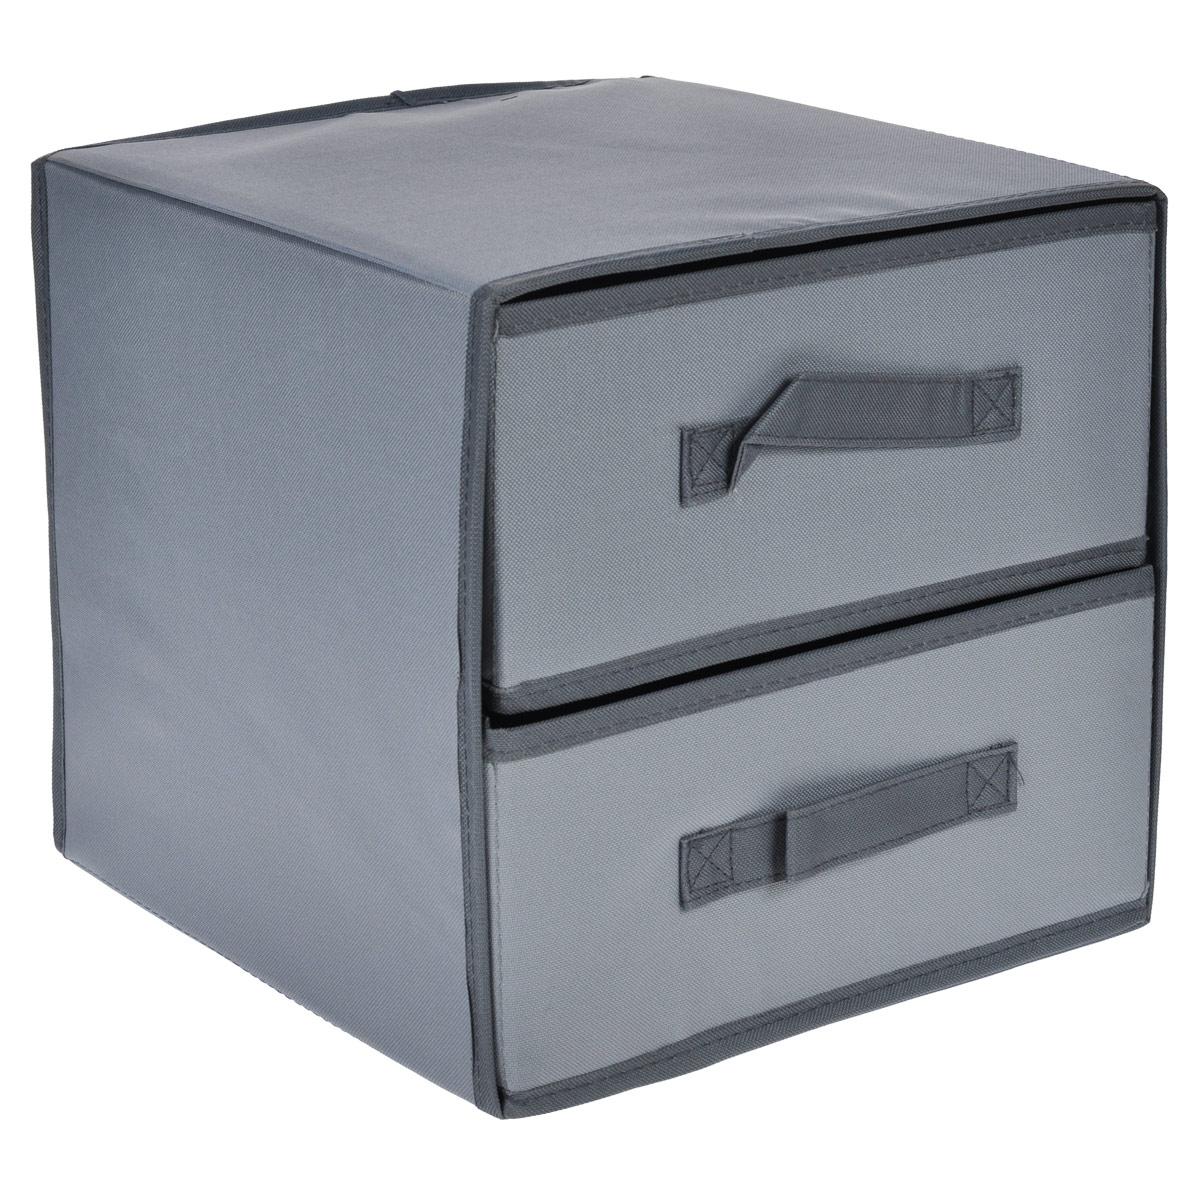 Кофр для хранения FS-6144P, цвет: серый, 30 см х 30 см х 27,5 см ваза селадон династия мин 30 х 30 х 56 см